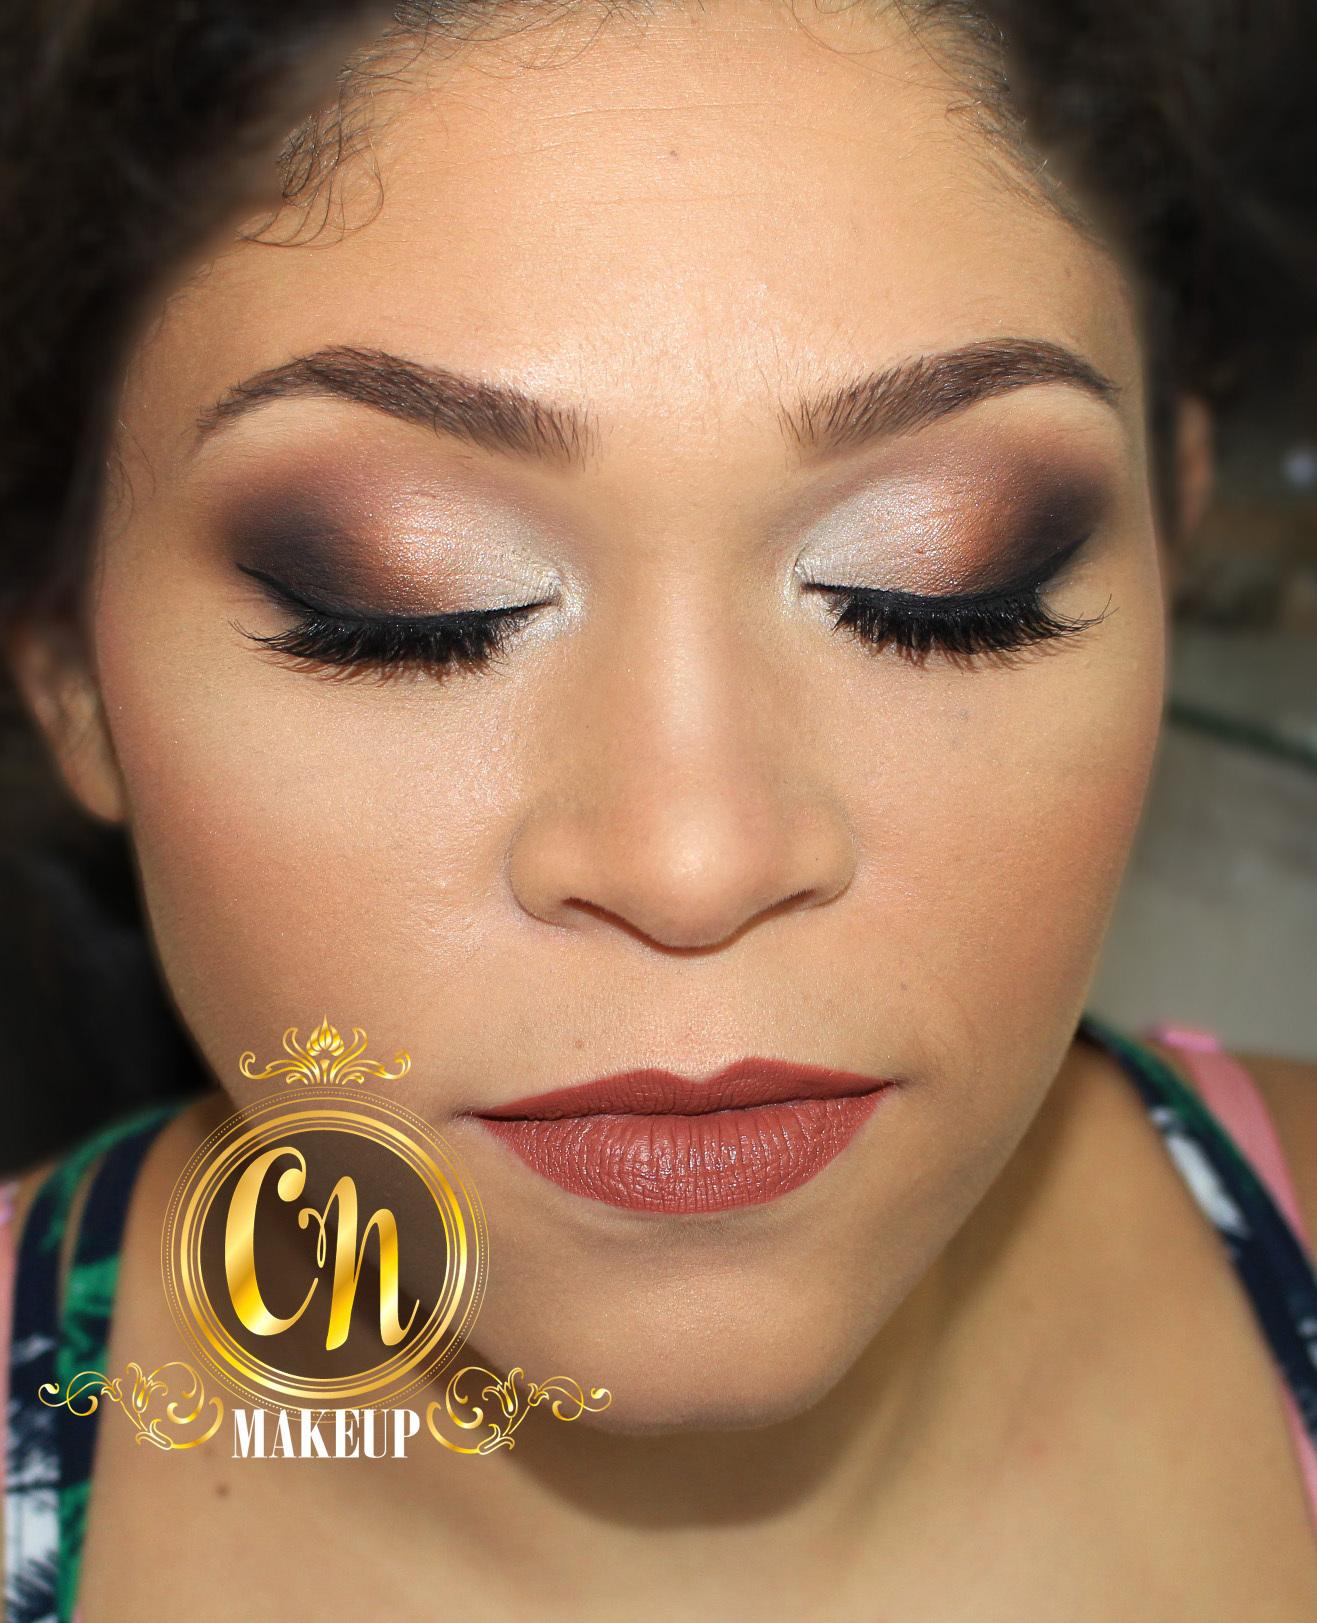 Maquiagem neutra e marcante para formatura! . #maquiagem #maquiagempro #makeupartist #mua #maquiadoraubatuba #maquiagemformatura #formanda #makeup #makeuppro #maquiagemneutra #batomnude #nudelipstick #maquiadora maquiagem maquiador(a)